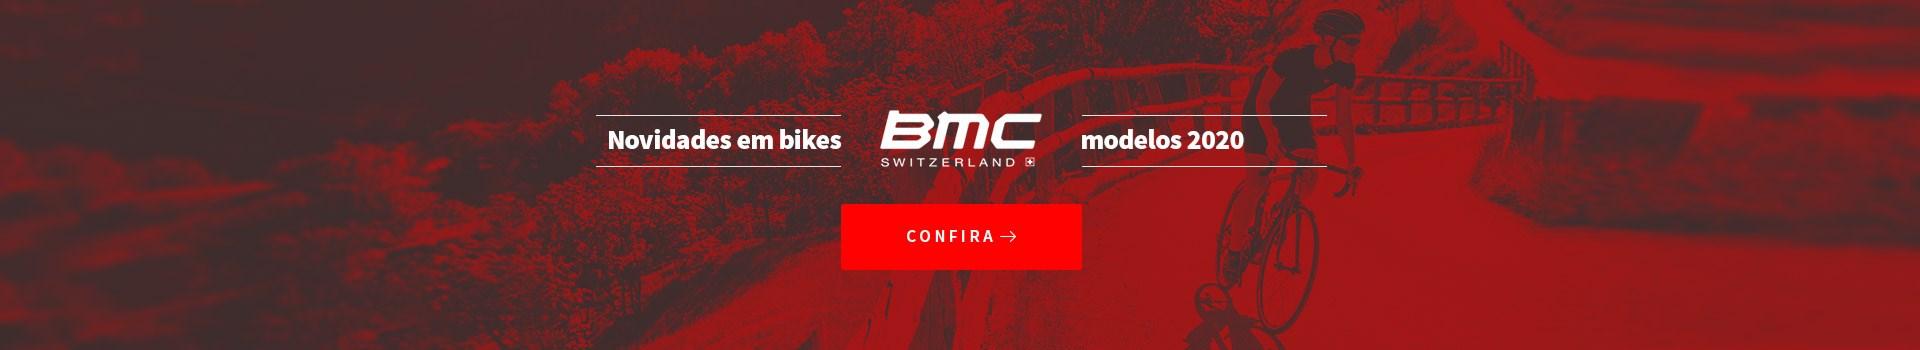 Novidades em Bikes BMC